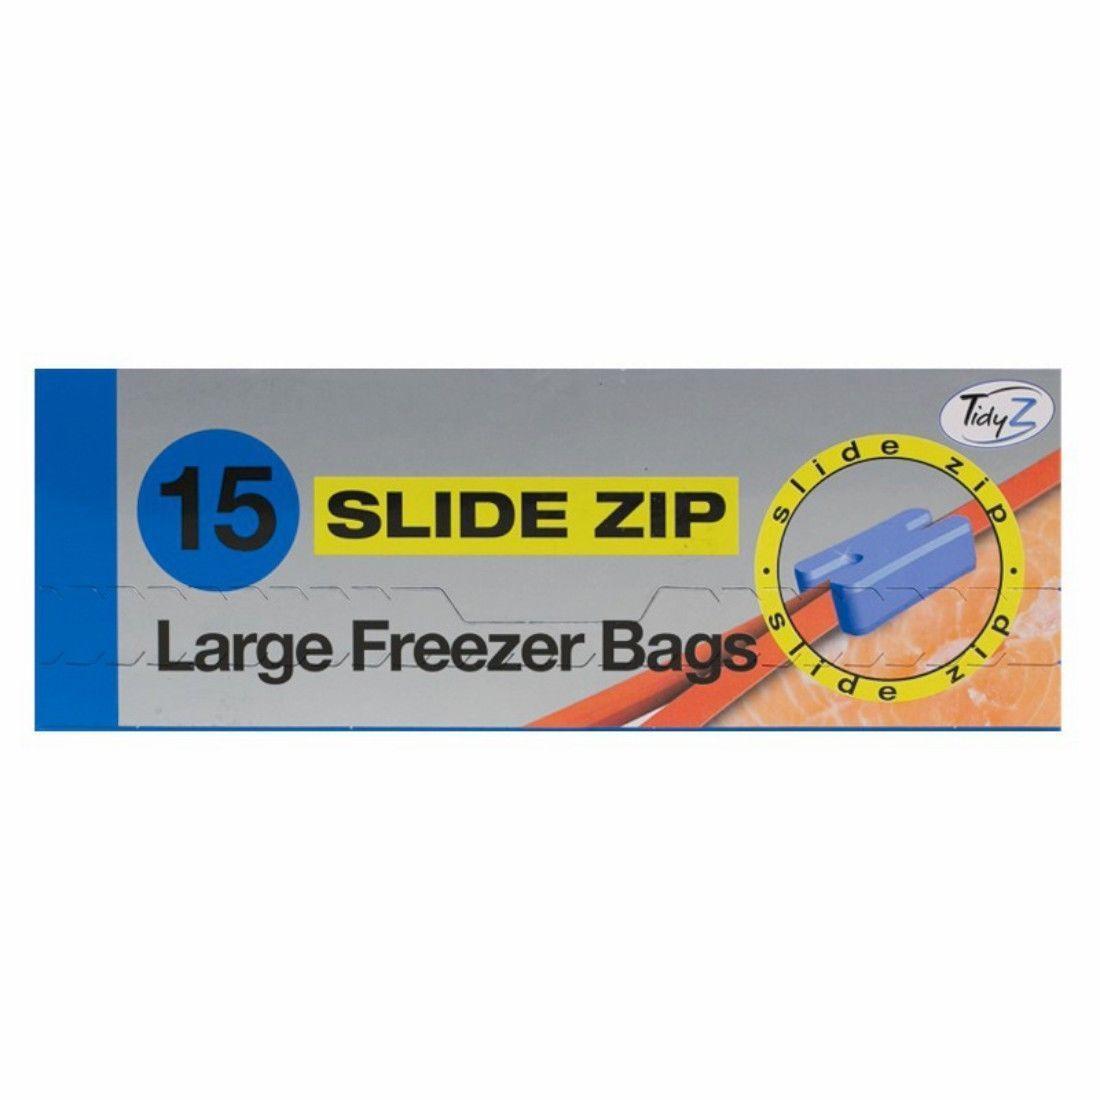 Tidyz Extra Large Bags Slide Zip Resealable Reusable Freezer Food 15's